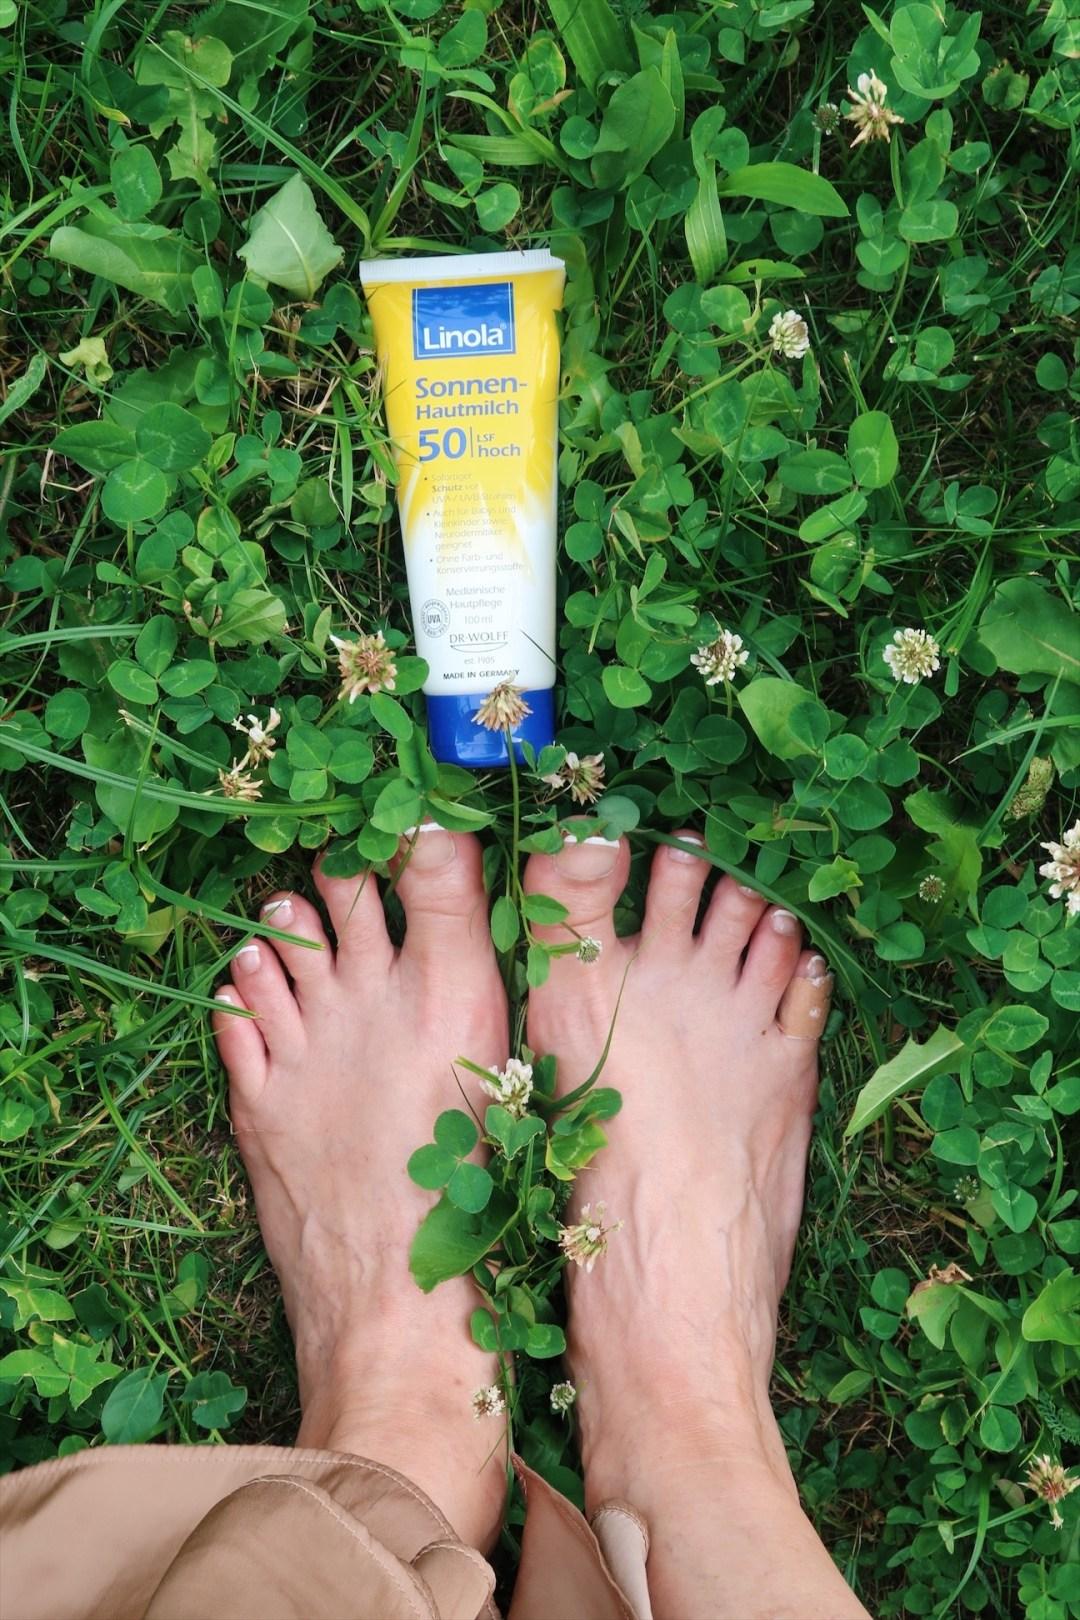 glamupyourlifestyle sonnenschutz Lichtschutzfaktor Linola-Sonnen-Hautmilch Sonnencreme braun-werden